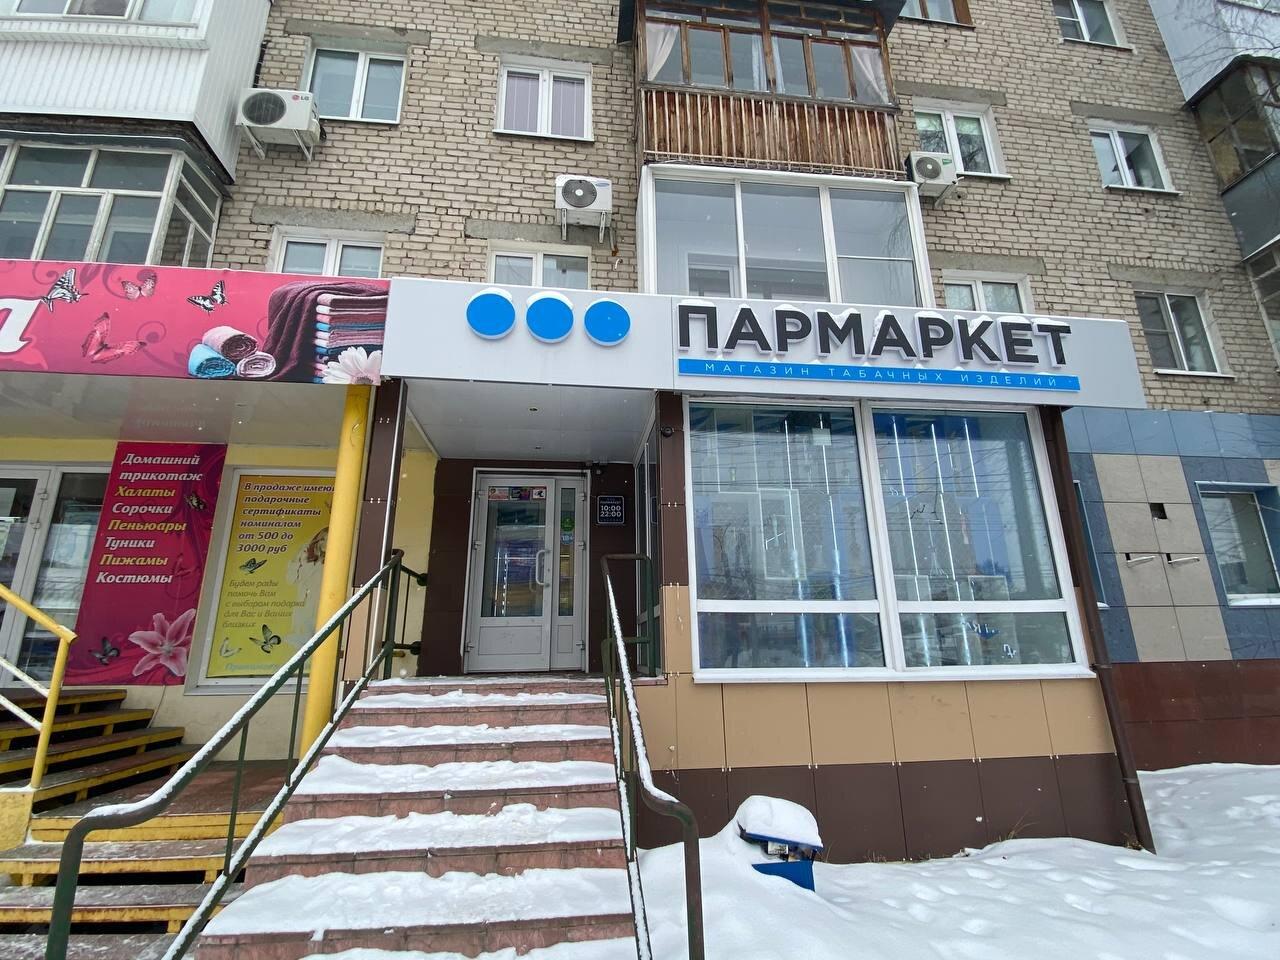 Продавец табачных изделий нижний новгород автозаводский район электронная сигарета купить белгород адреса